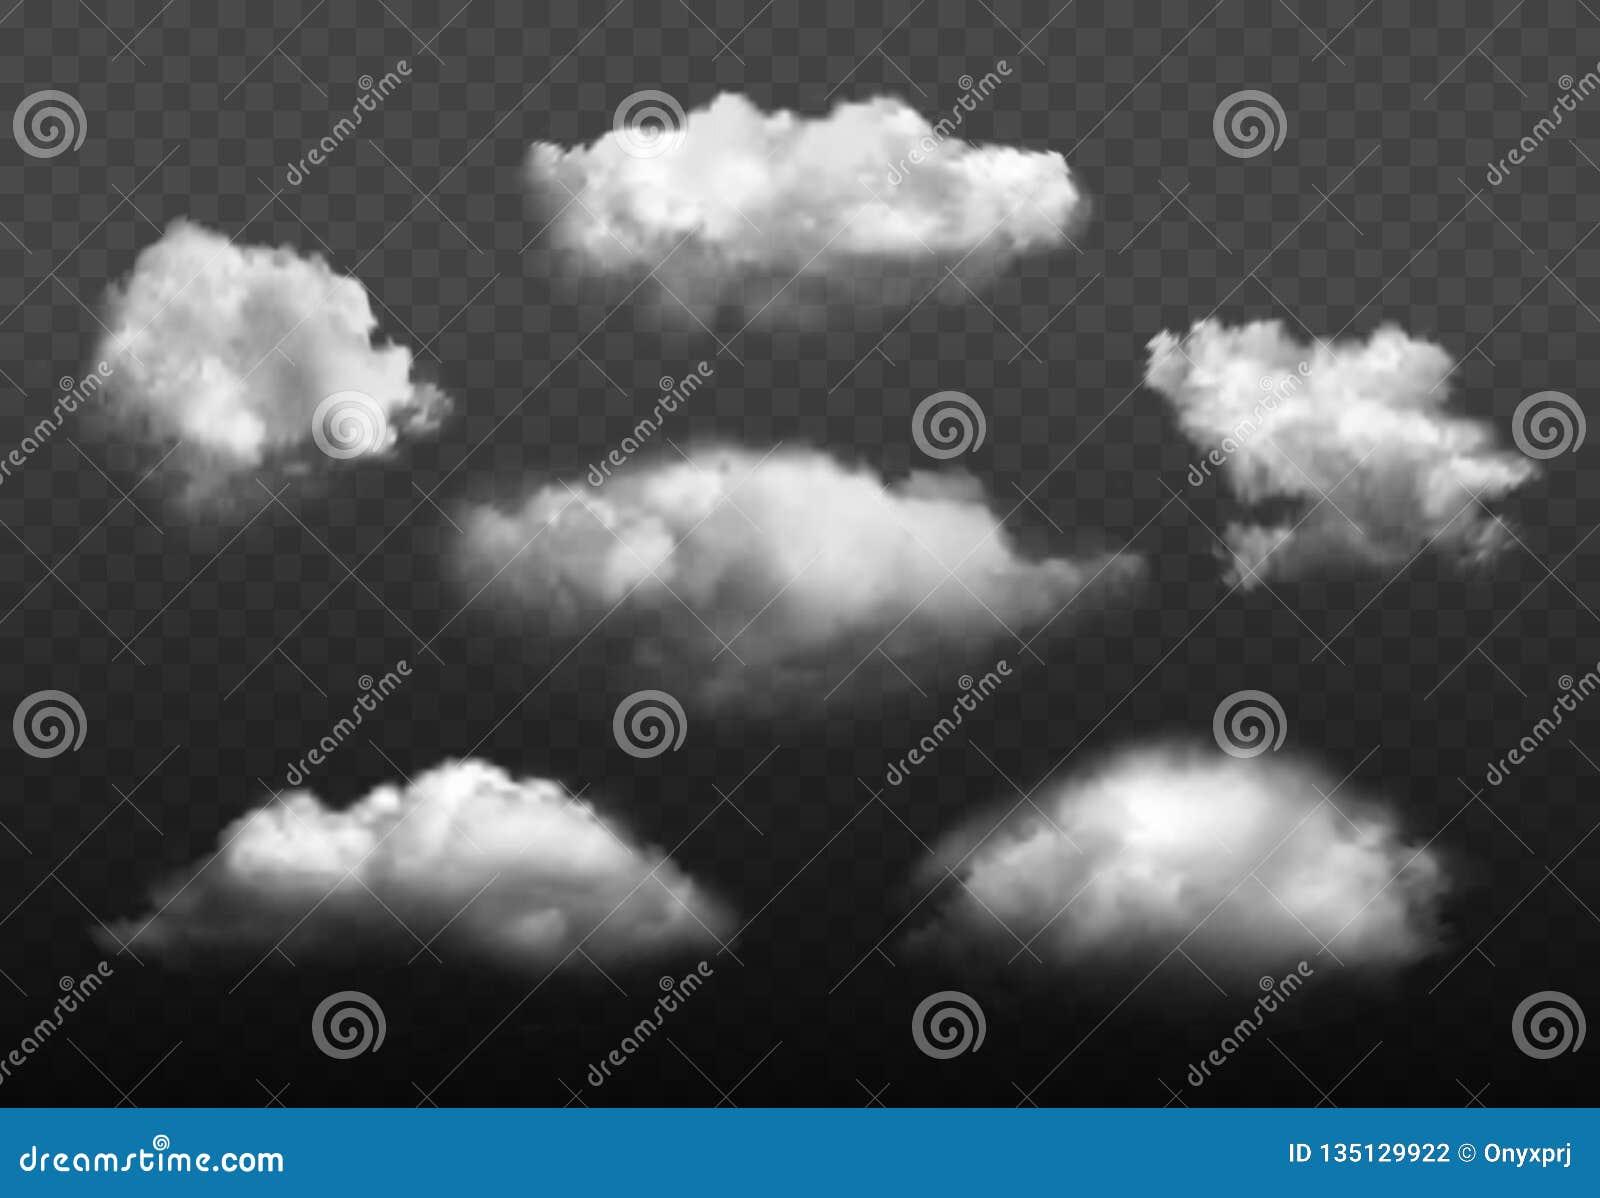 现实的云彩 蓝色多云天空天气元素传染媒介图片集合